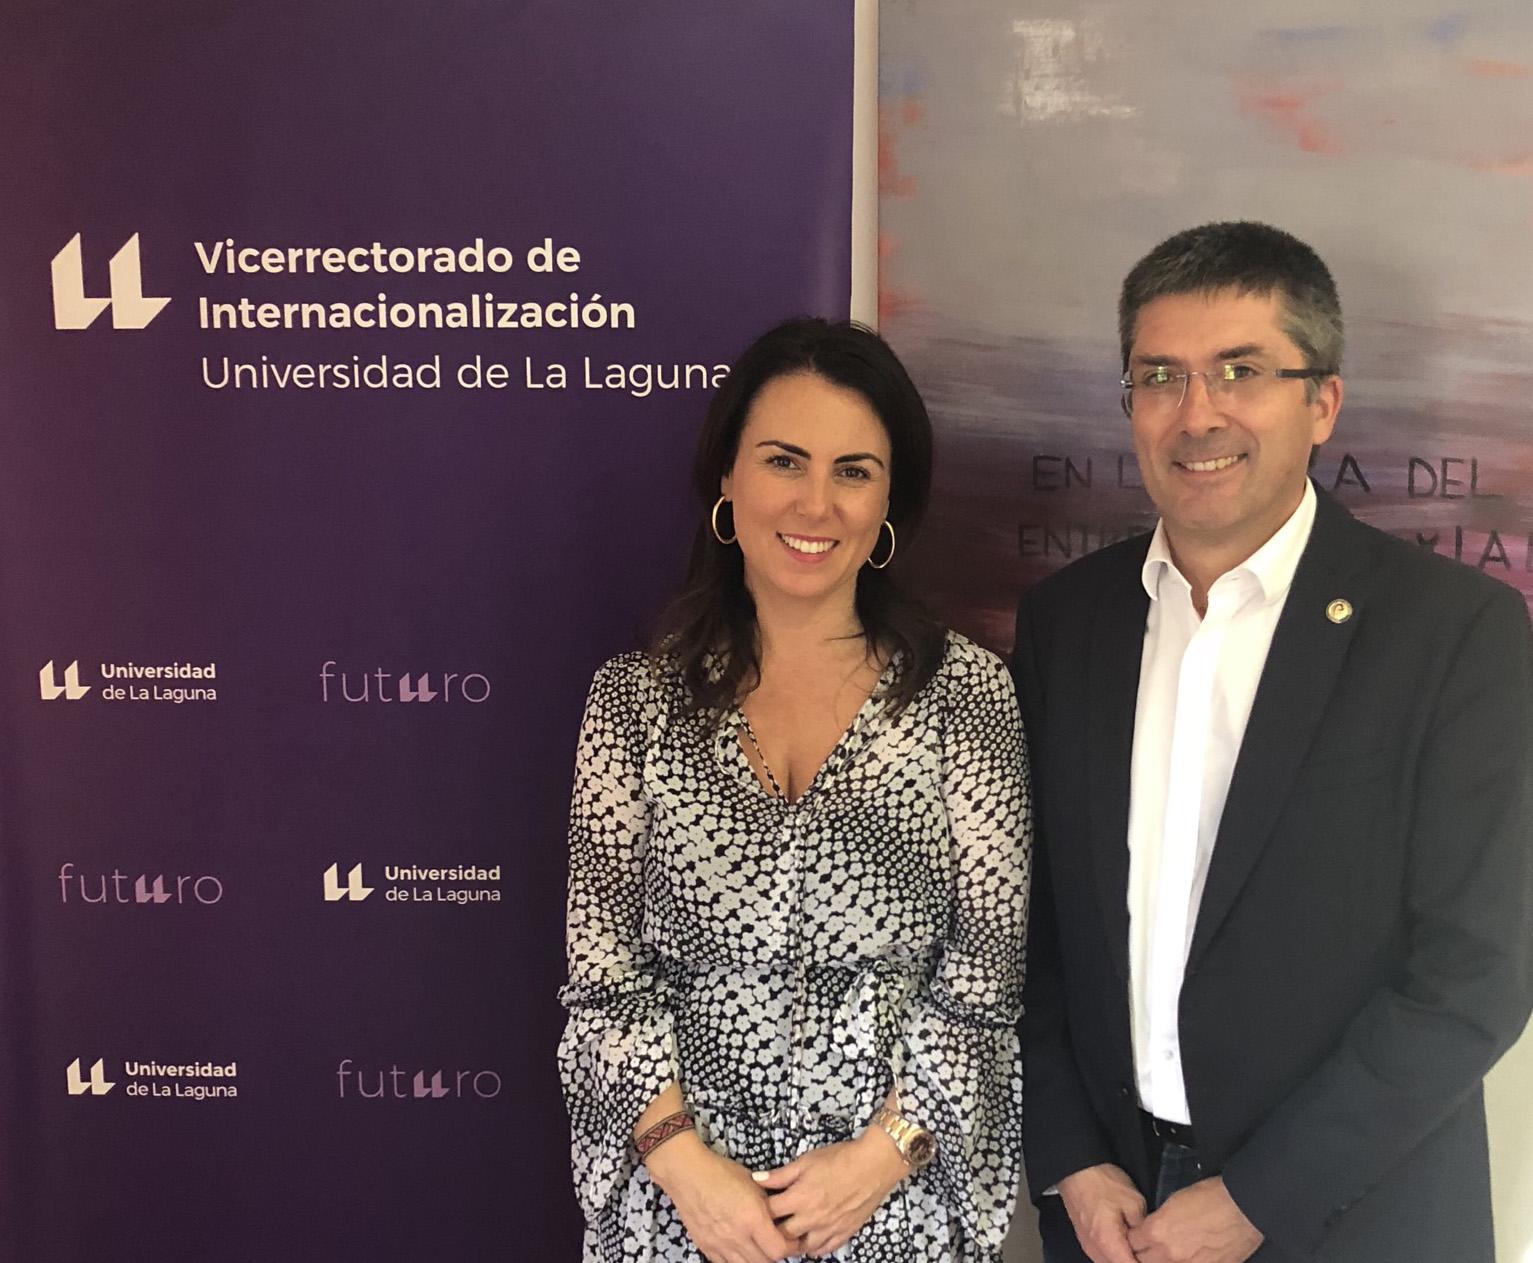 Los vicerrectores de Internacionalización de la ULL y ULPGC trazan su estrategia conjunta de proyección exterior